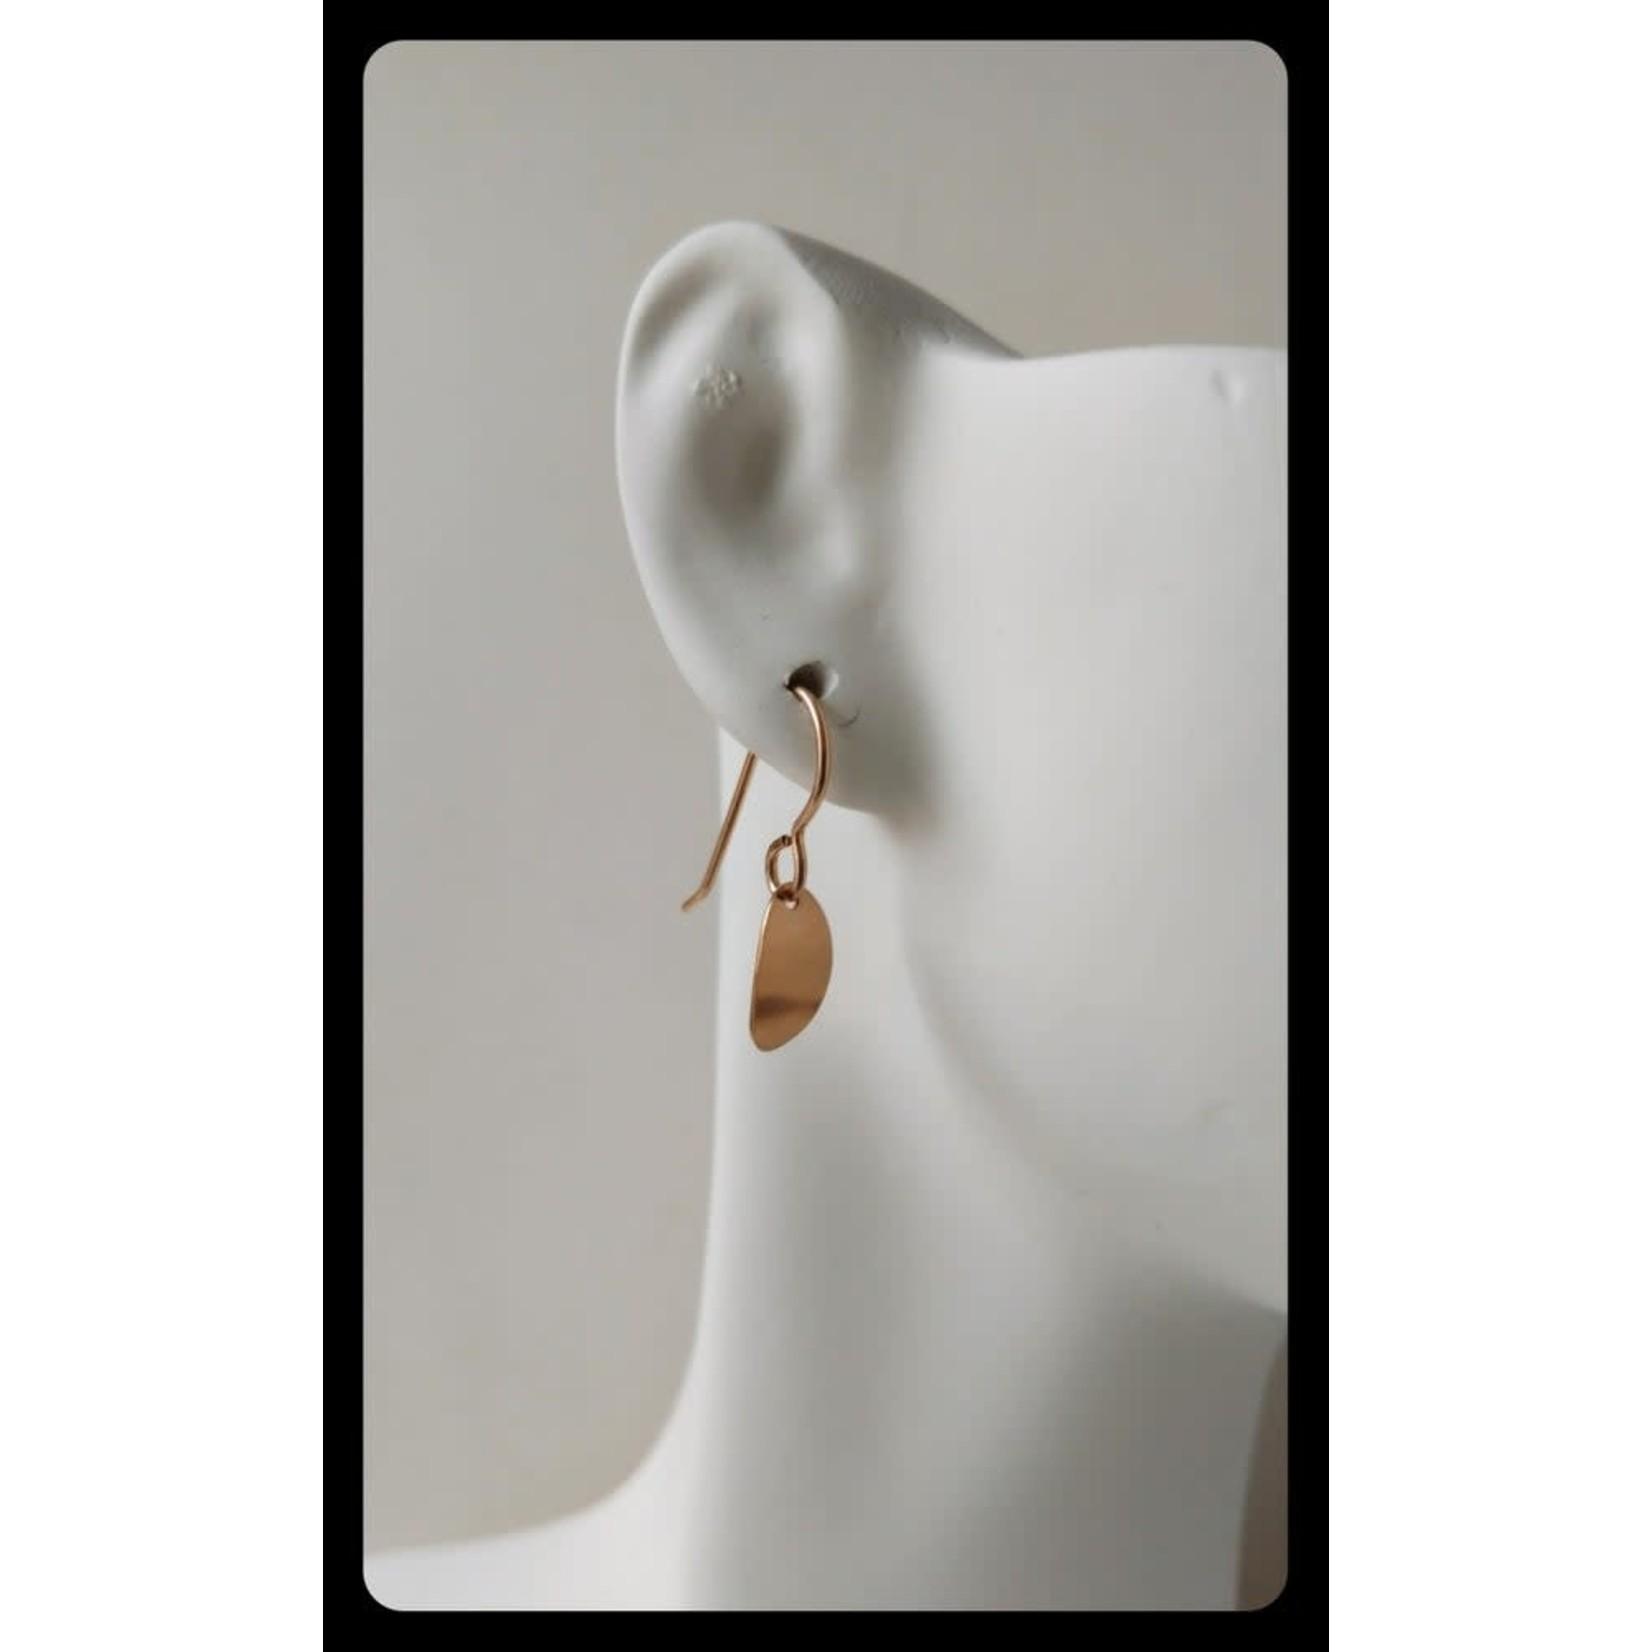 SPANGLE JEWELRY COMPANY CURVED PETAL EARRINGS GF